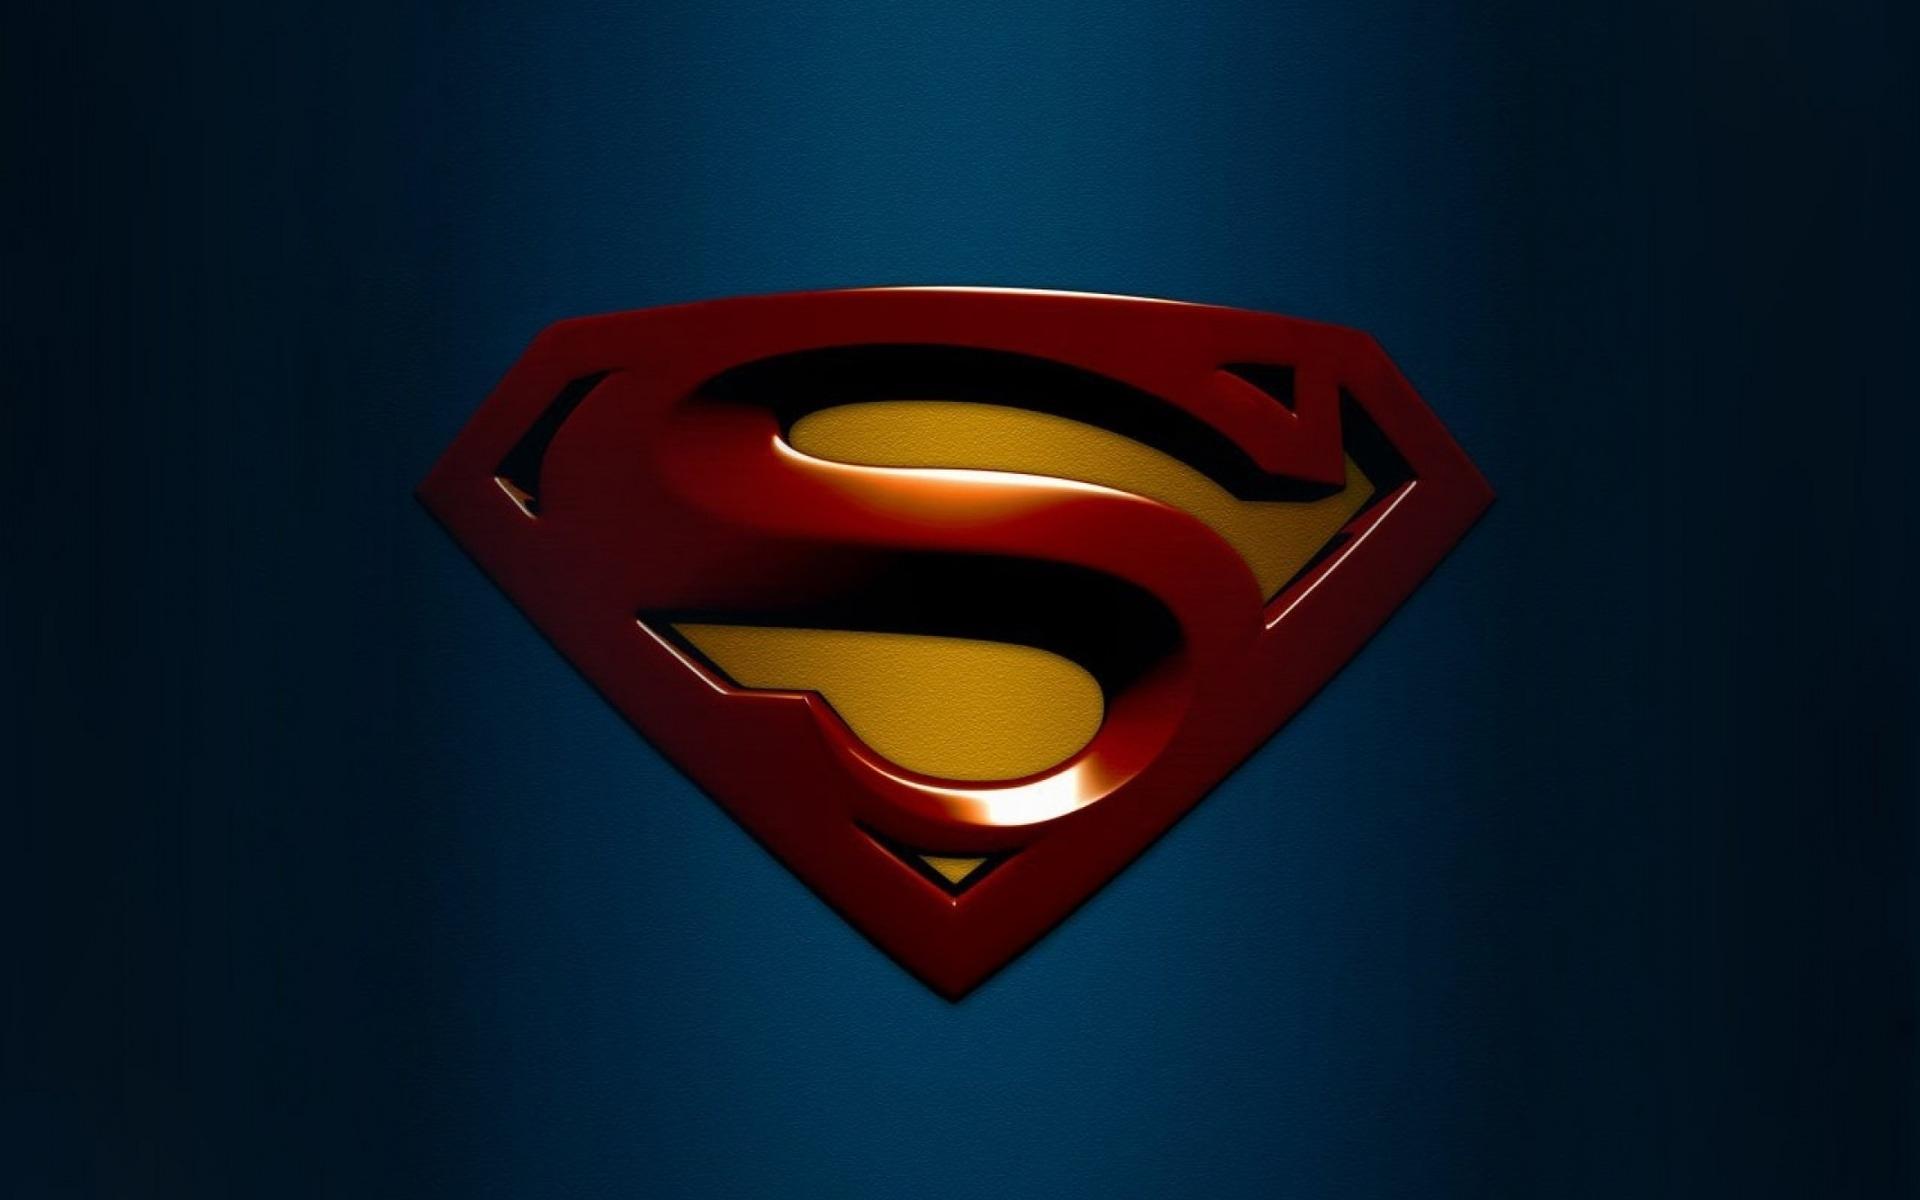 скачать картинки из знаком супермена